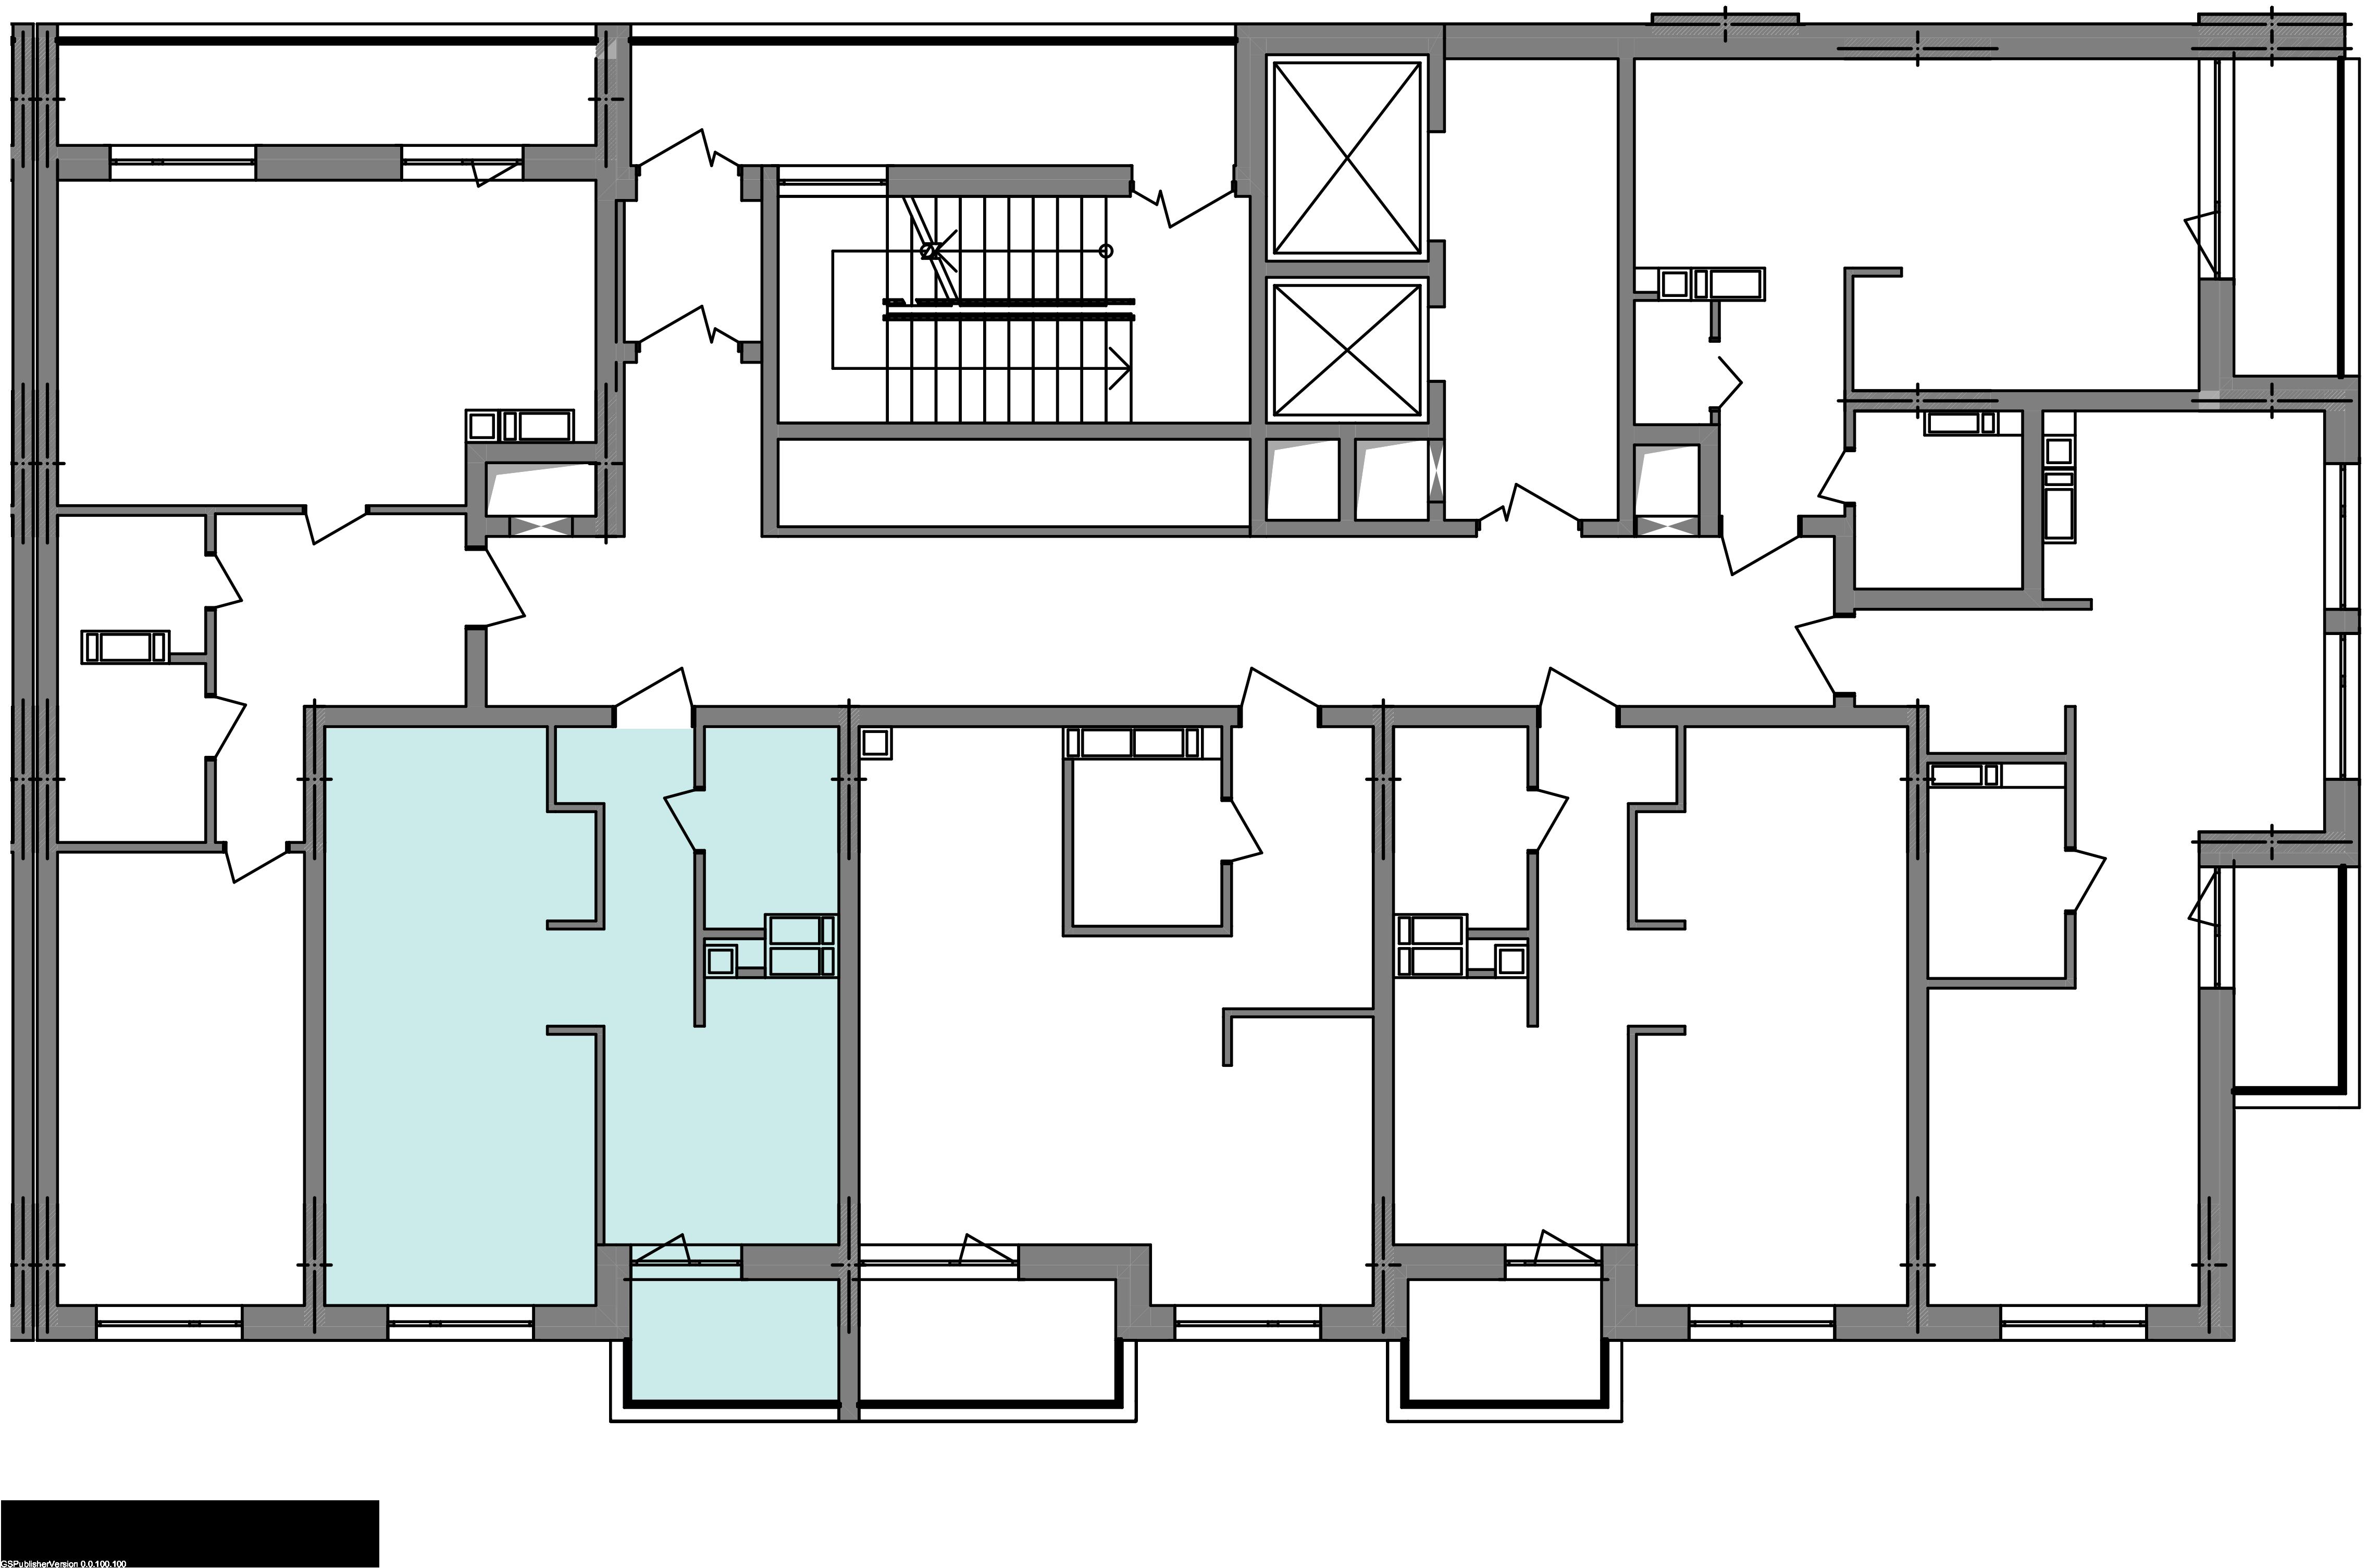 Однокомнатная квартира 40,93 кв.м., тип 1.5, дом 3 секция 3 расположение на этаже